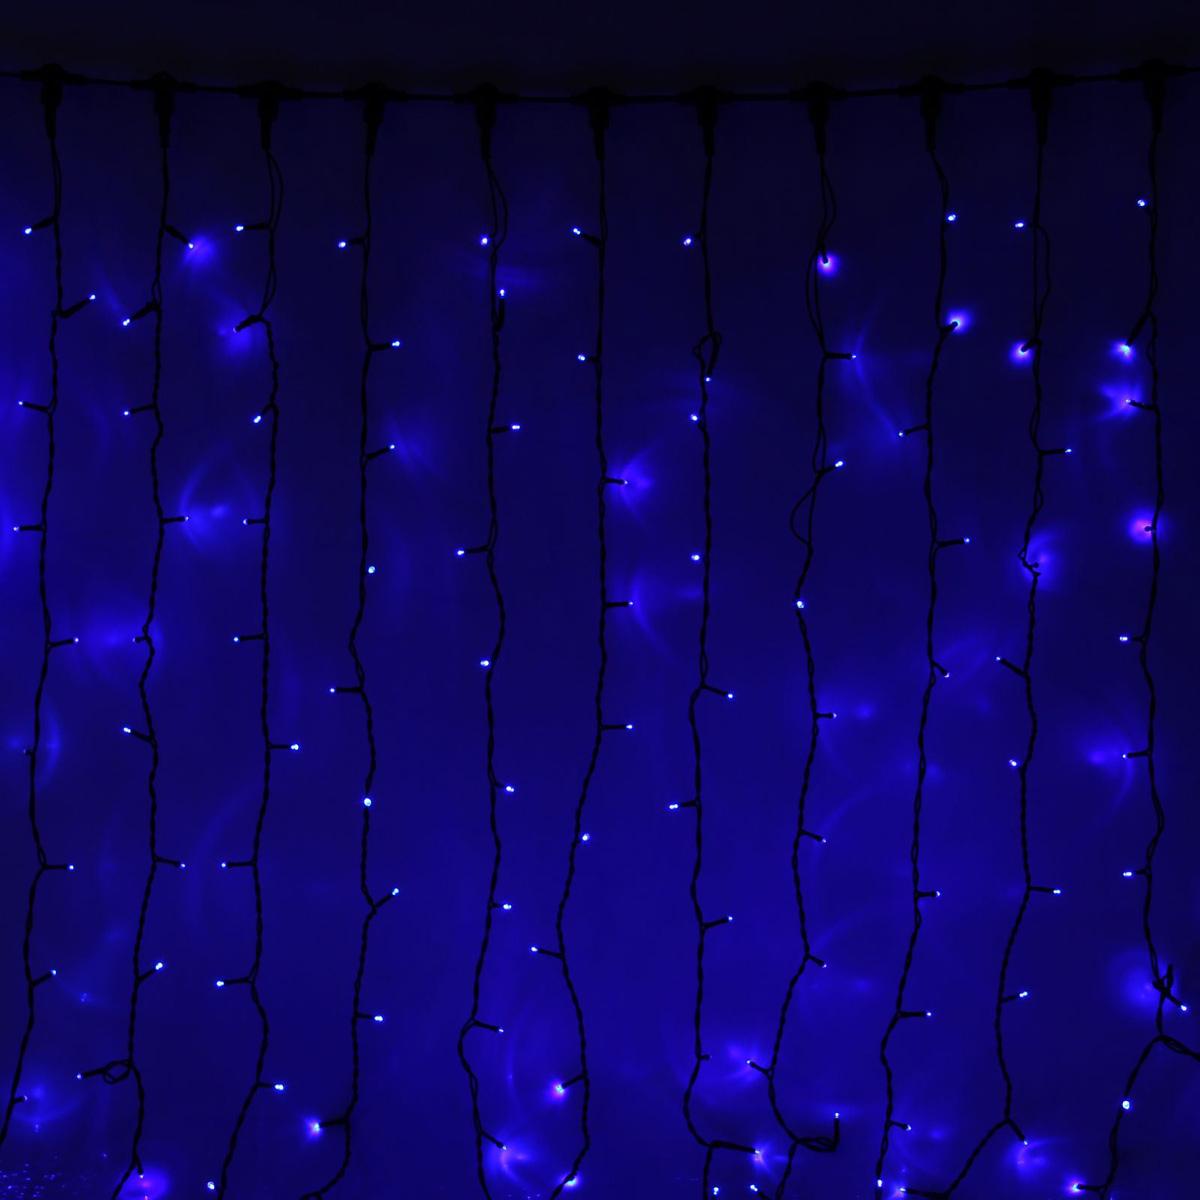 Гирлянда светодиодная Luazon Занавес, цвет: синий, уличная, 1440 ламп, 220 V, 2 х 6 м. 10802801080280Светодиодные гирлянды и ленты — это отличный вариант для новогоднего оформления интерьера или фасада. С их помощью помещение любого размера можно превратить в праздничный зал, а внешние элементы зданий, украшенные ими, мгновенно станут напоминать очертания сказочного дворца. Такие украшения создают ауру предвкушения чуда. Деревья, фасады, витрины, окна и арки будто специально созданы, чтобы вы украсили их светящимися нитями.